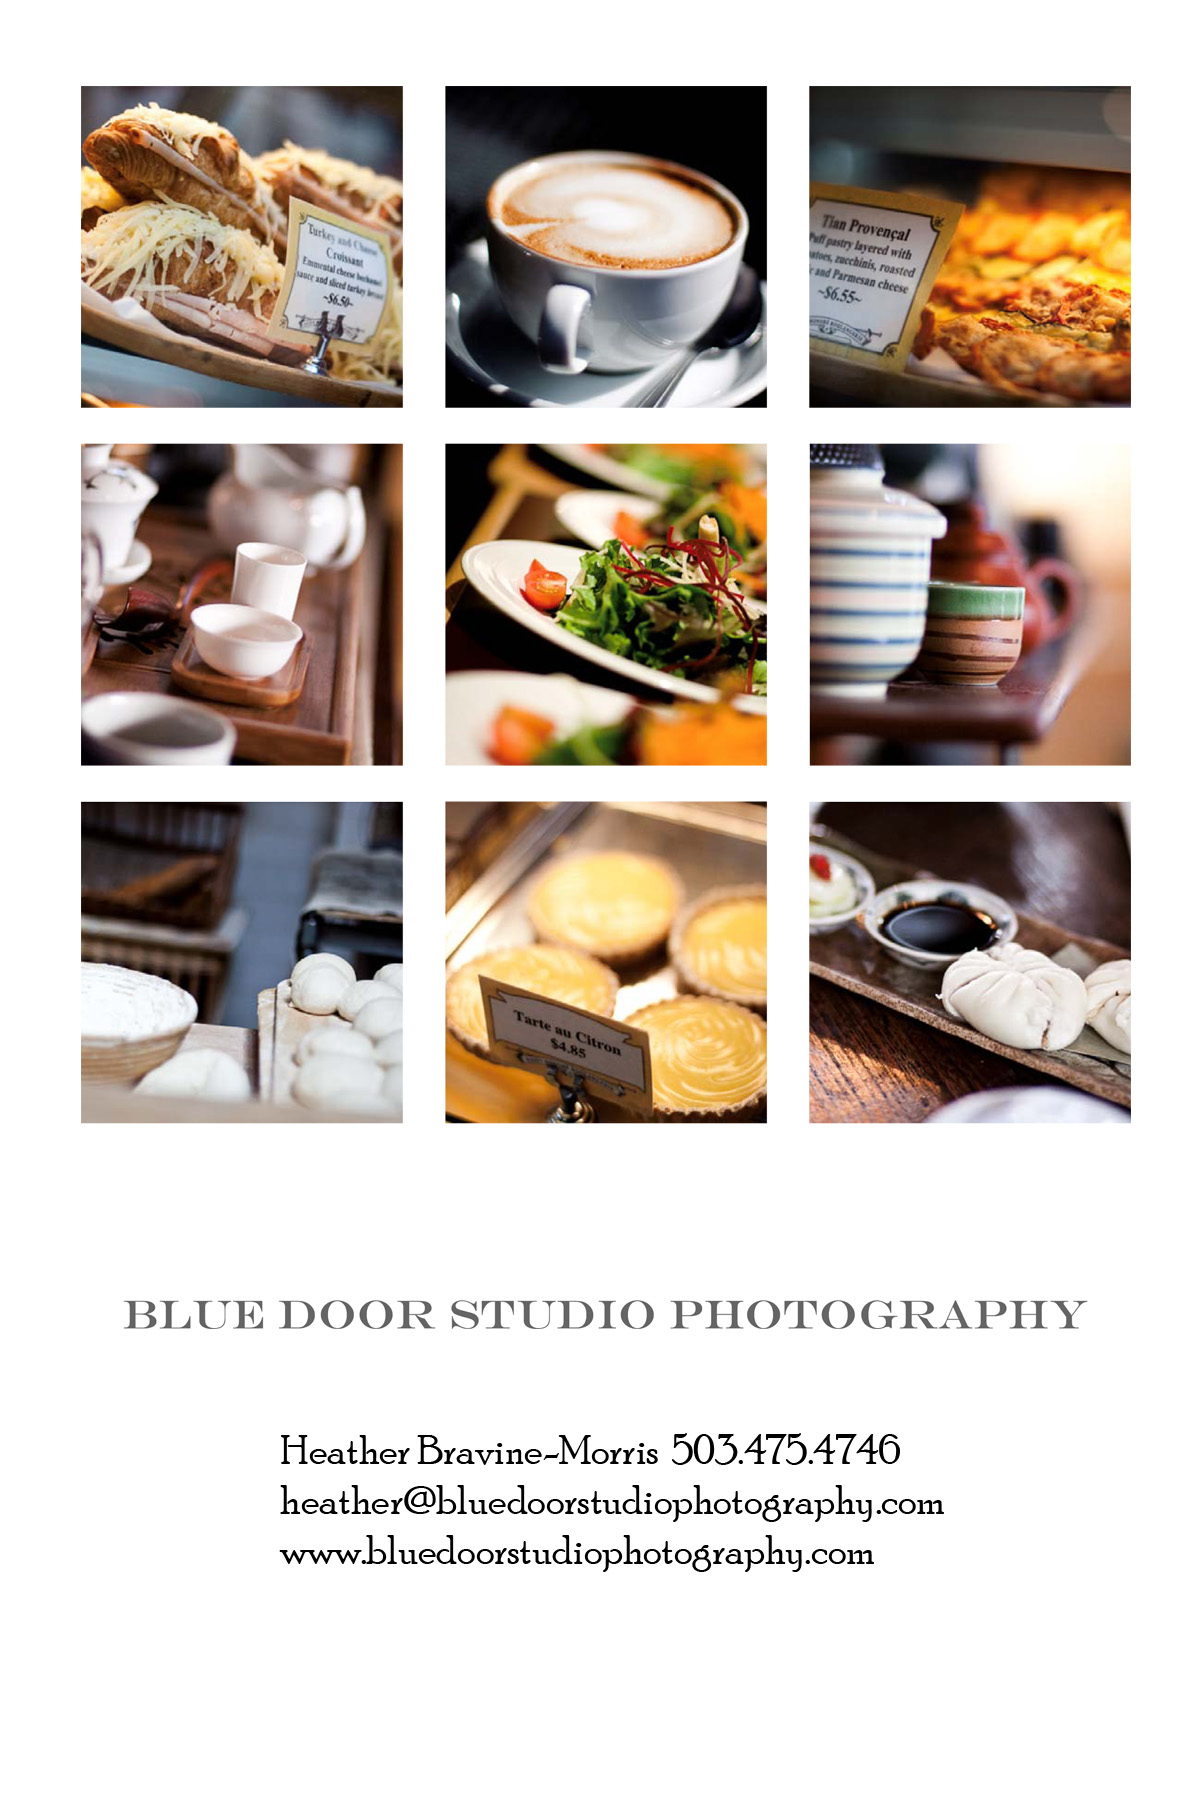 bluedoorstudiophotography.jpg